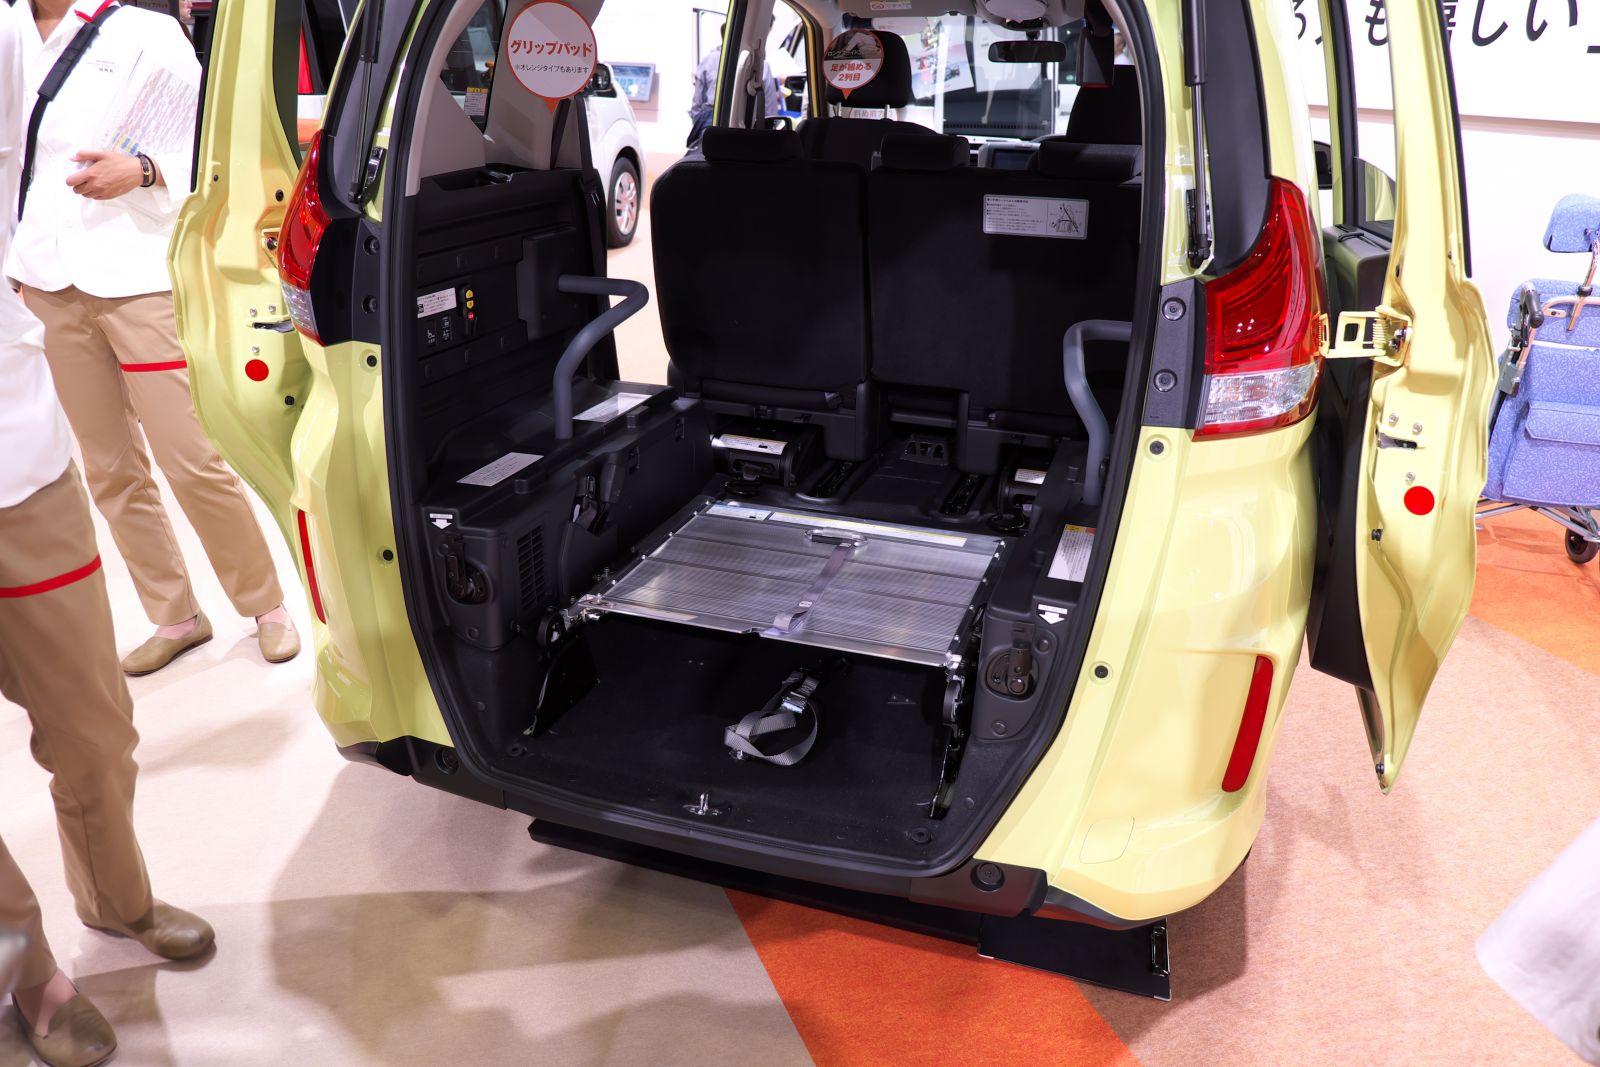 ▲車いす仕様車のスロープは写真のように折り畳める。ここに荷物を置くこともできるなどラゲージの使い勝手がいいため、車いすの人を乗せないときも普通のフリード+同様に使える